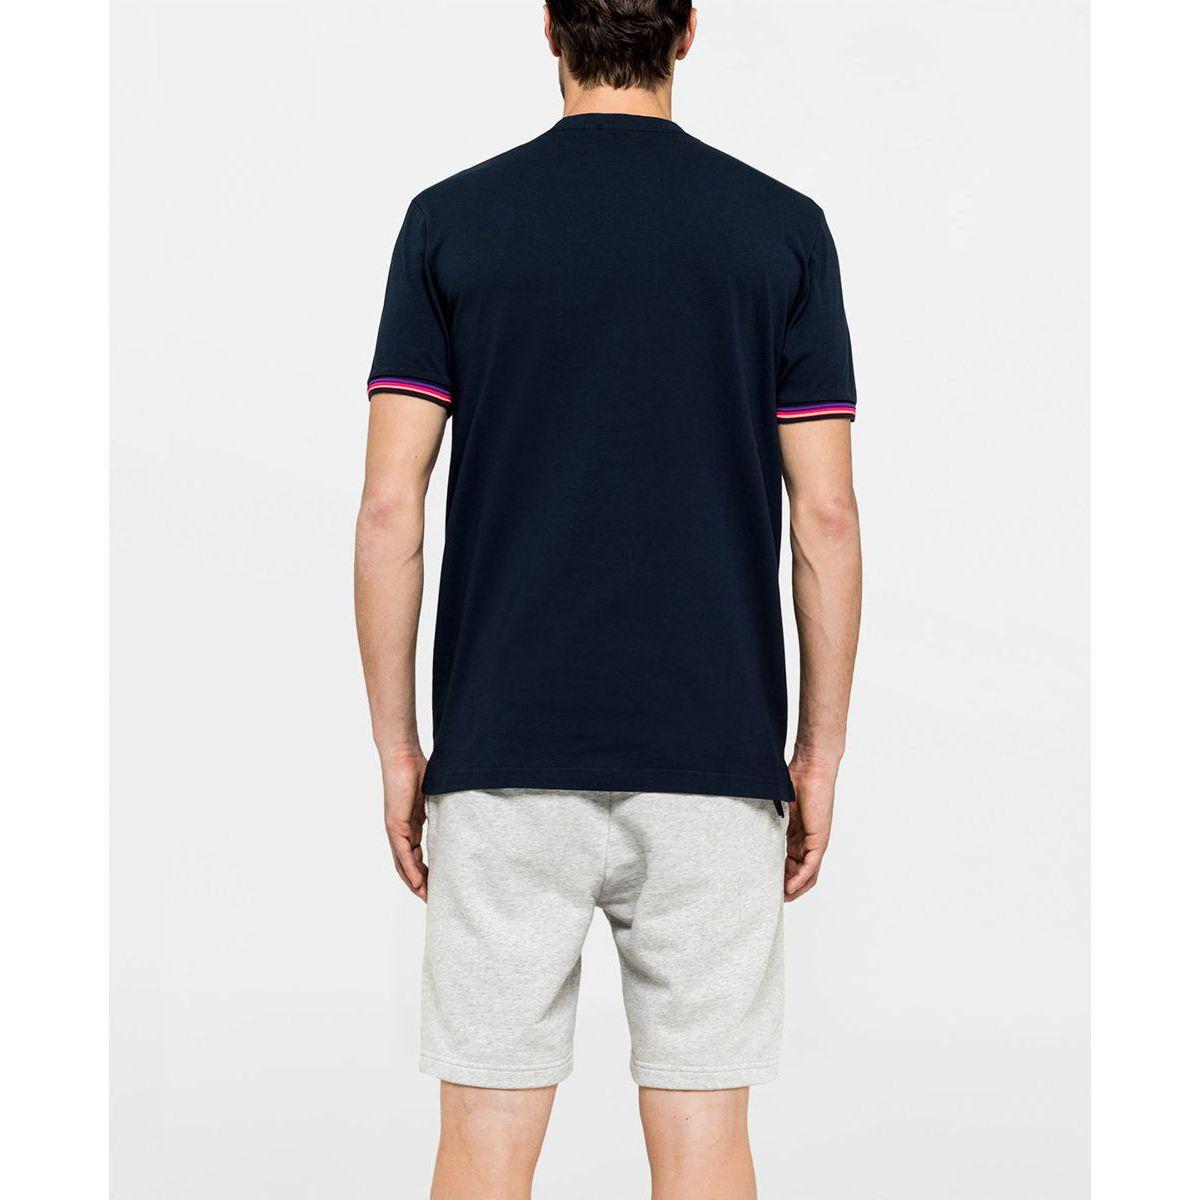 Finn t-shirt Navy 26 Sundek